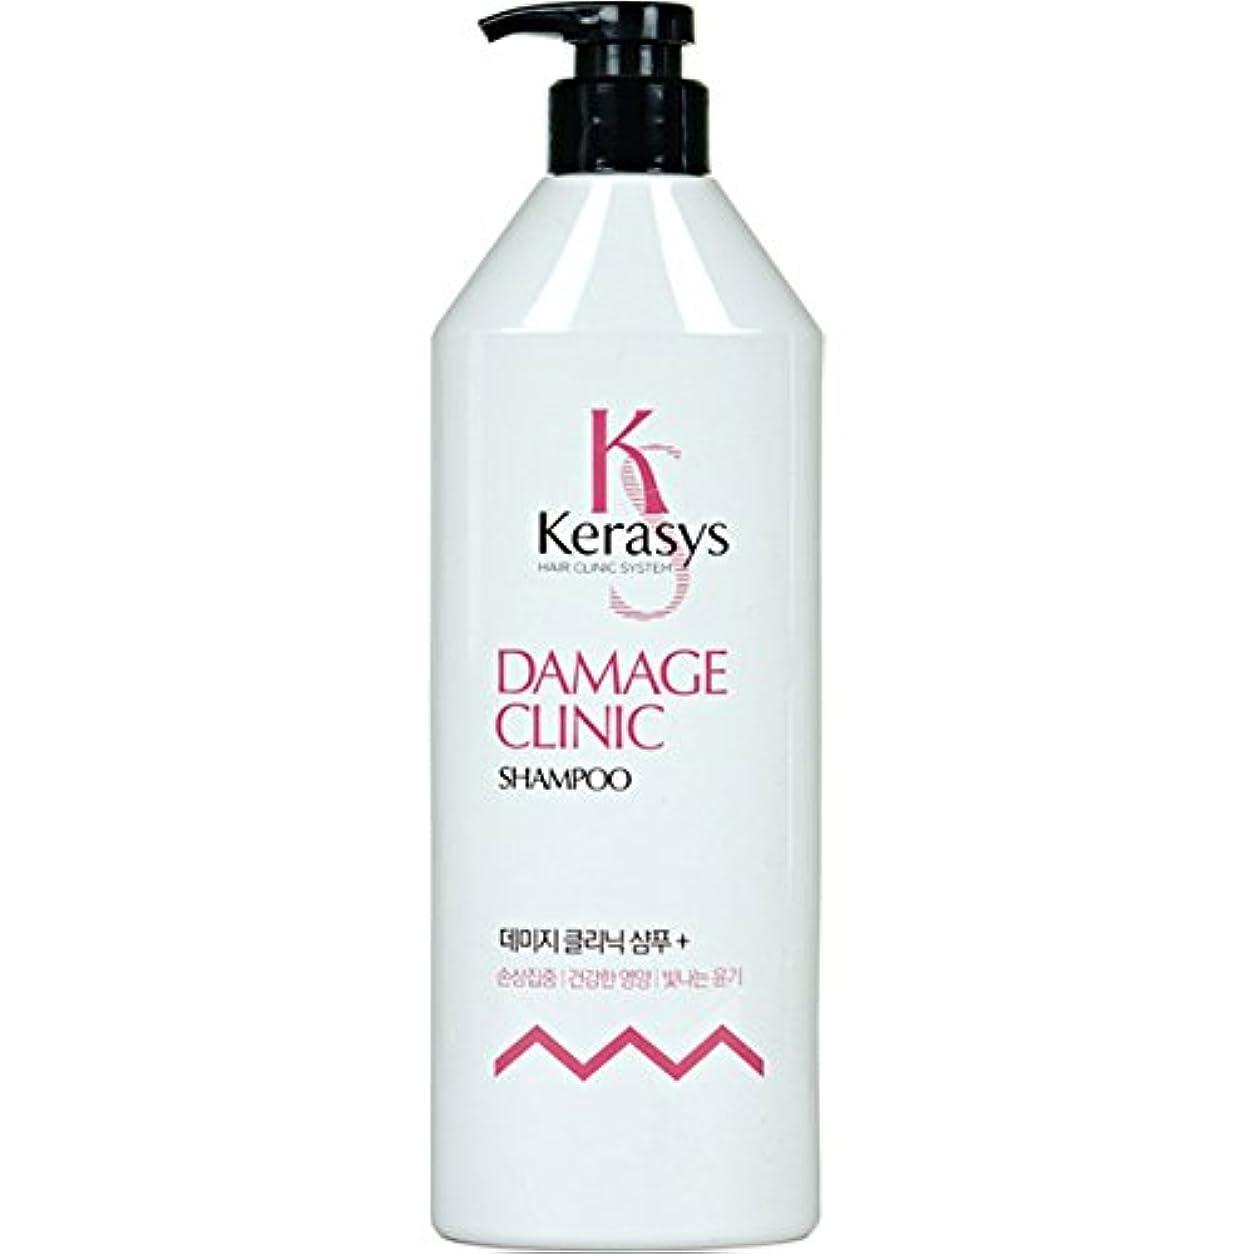 ワンダー誓約露[Kerasys] ケラシス ダメージクリニック シャンプー 750ml Damage Clinic Shampoo [海外直送品]